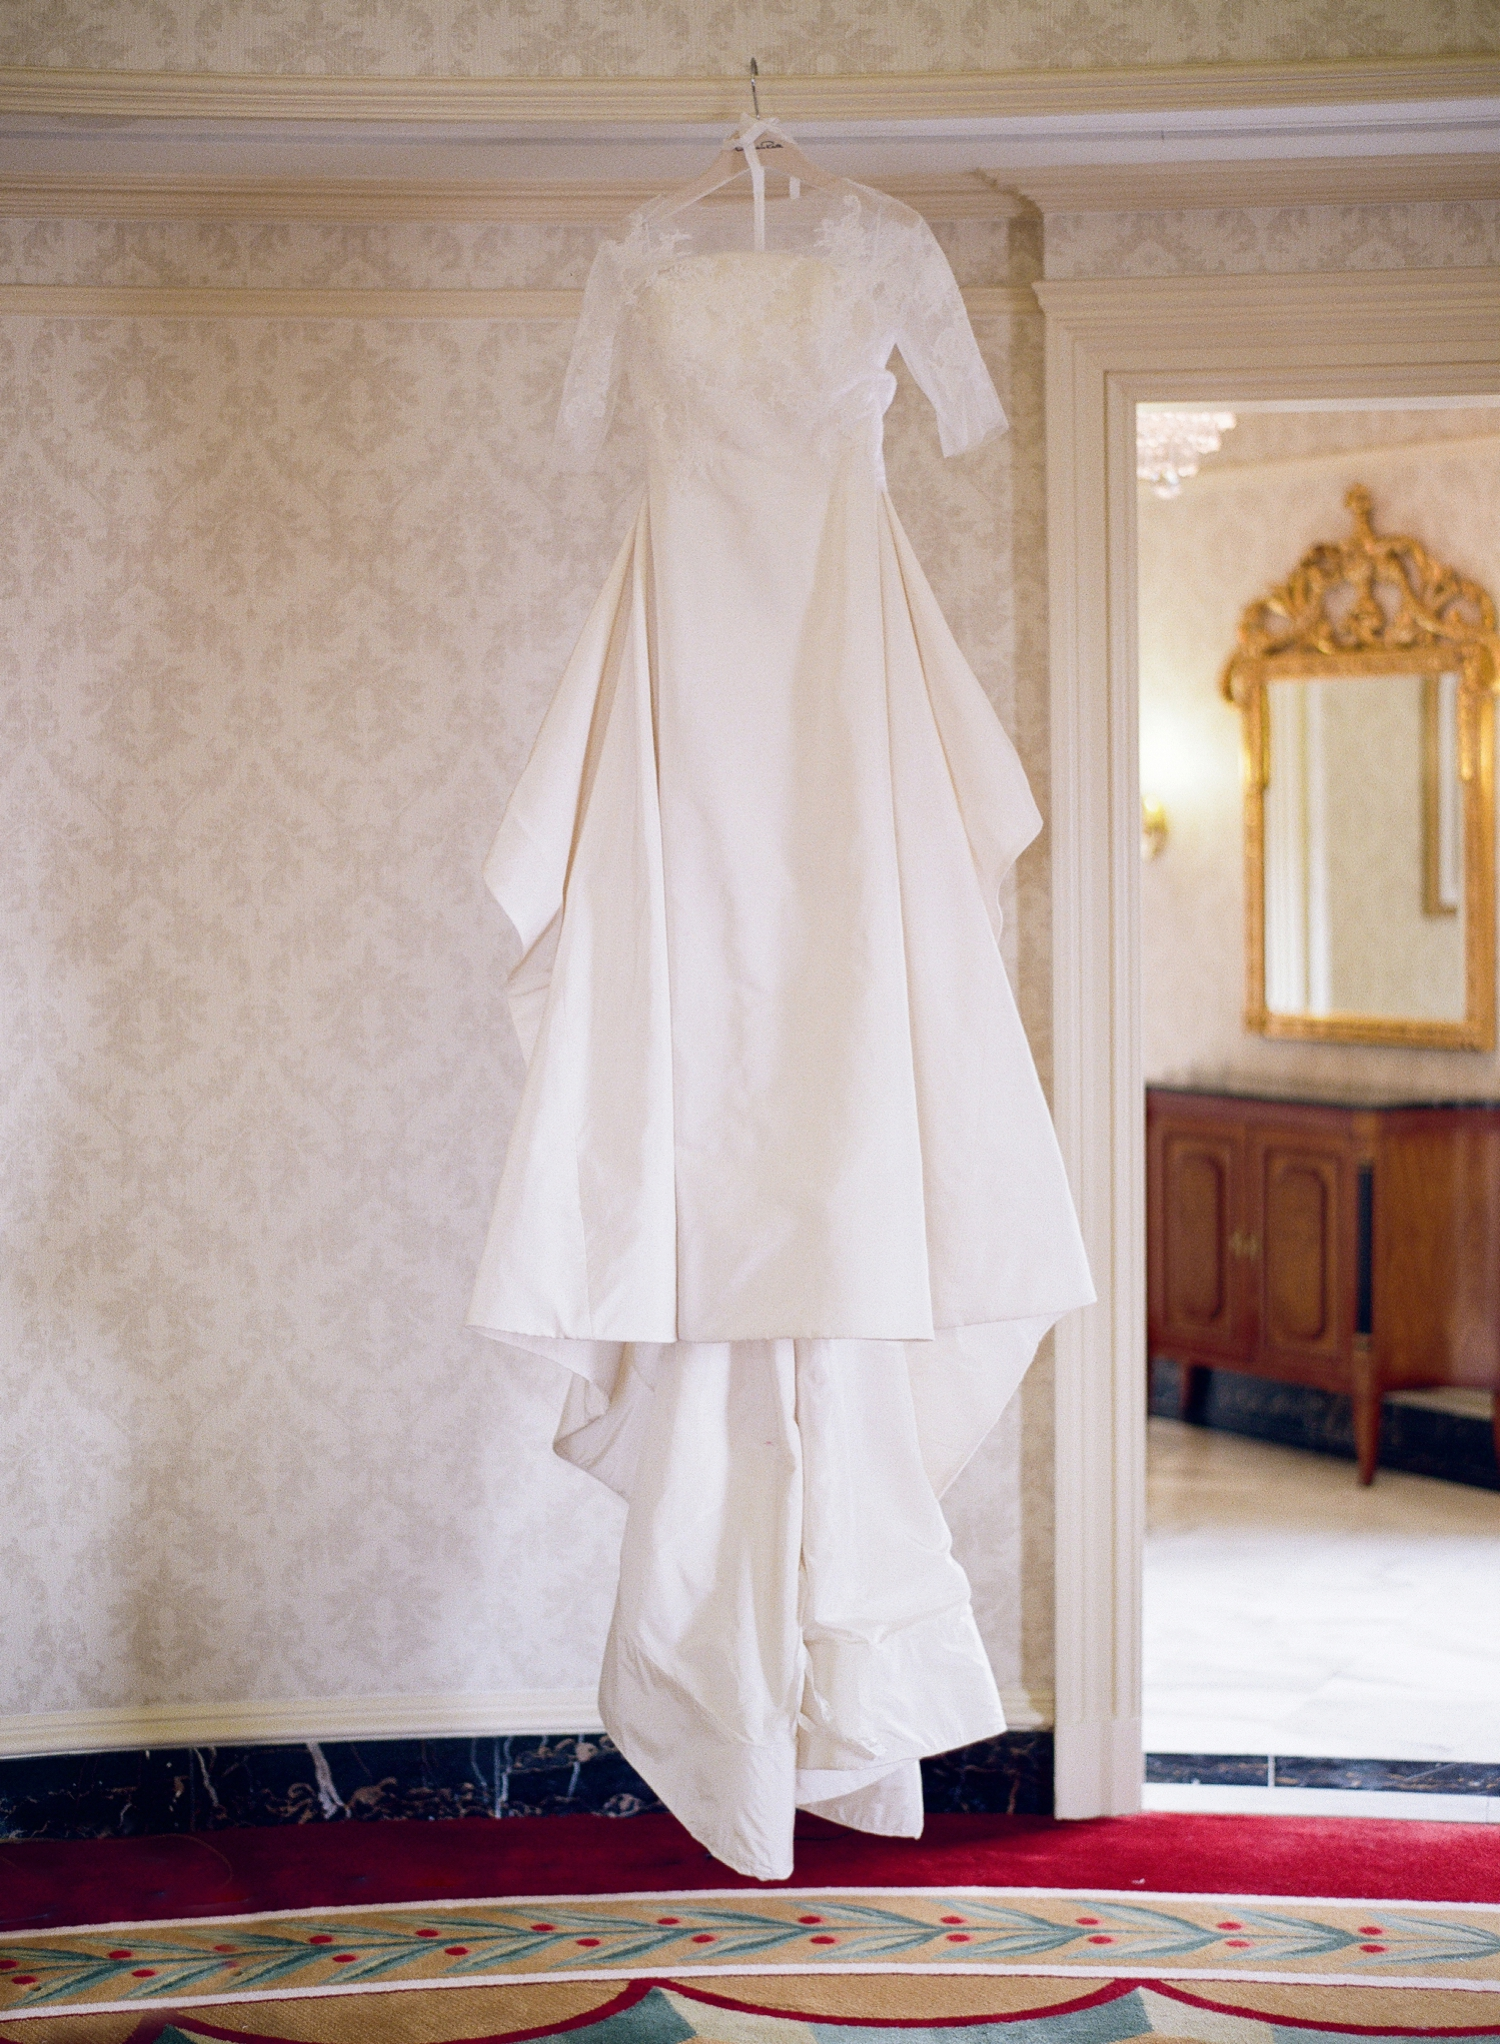 willard bridal suite, oscar de la renta